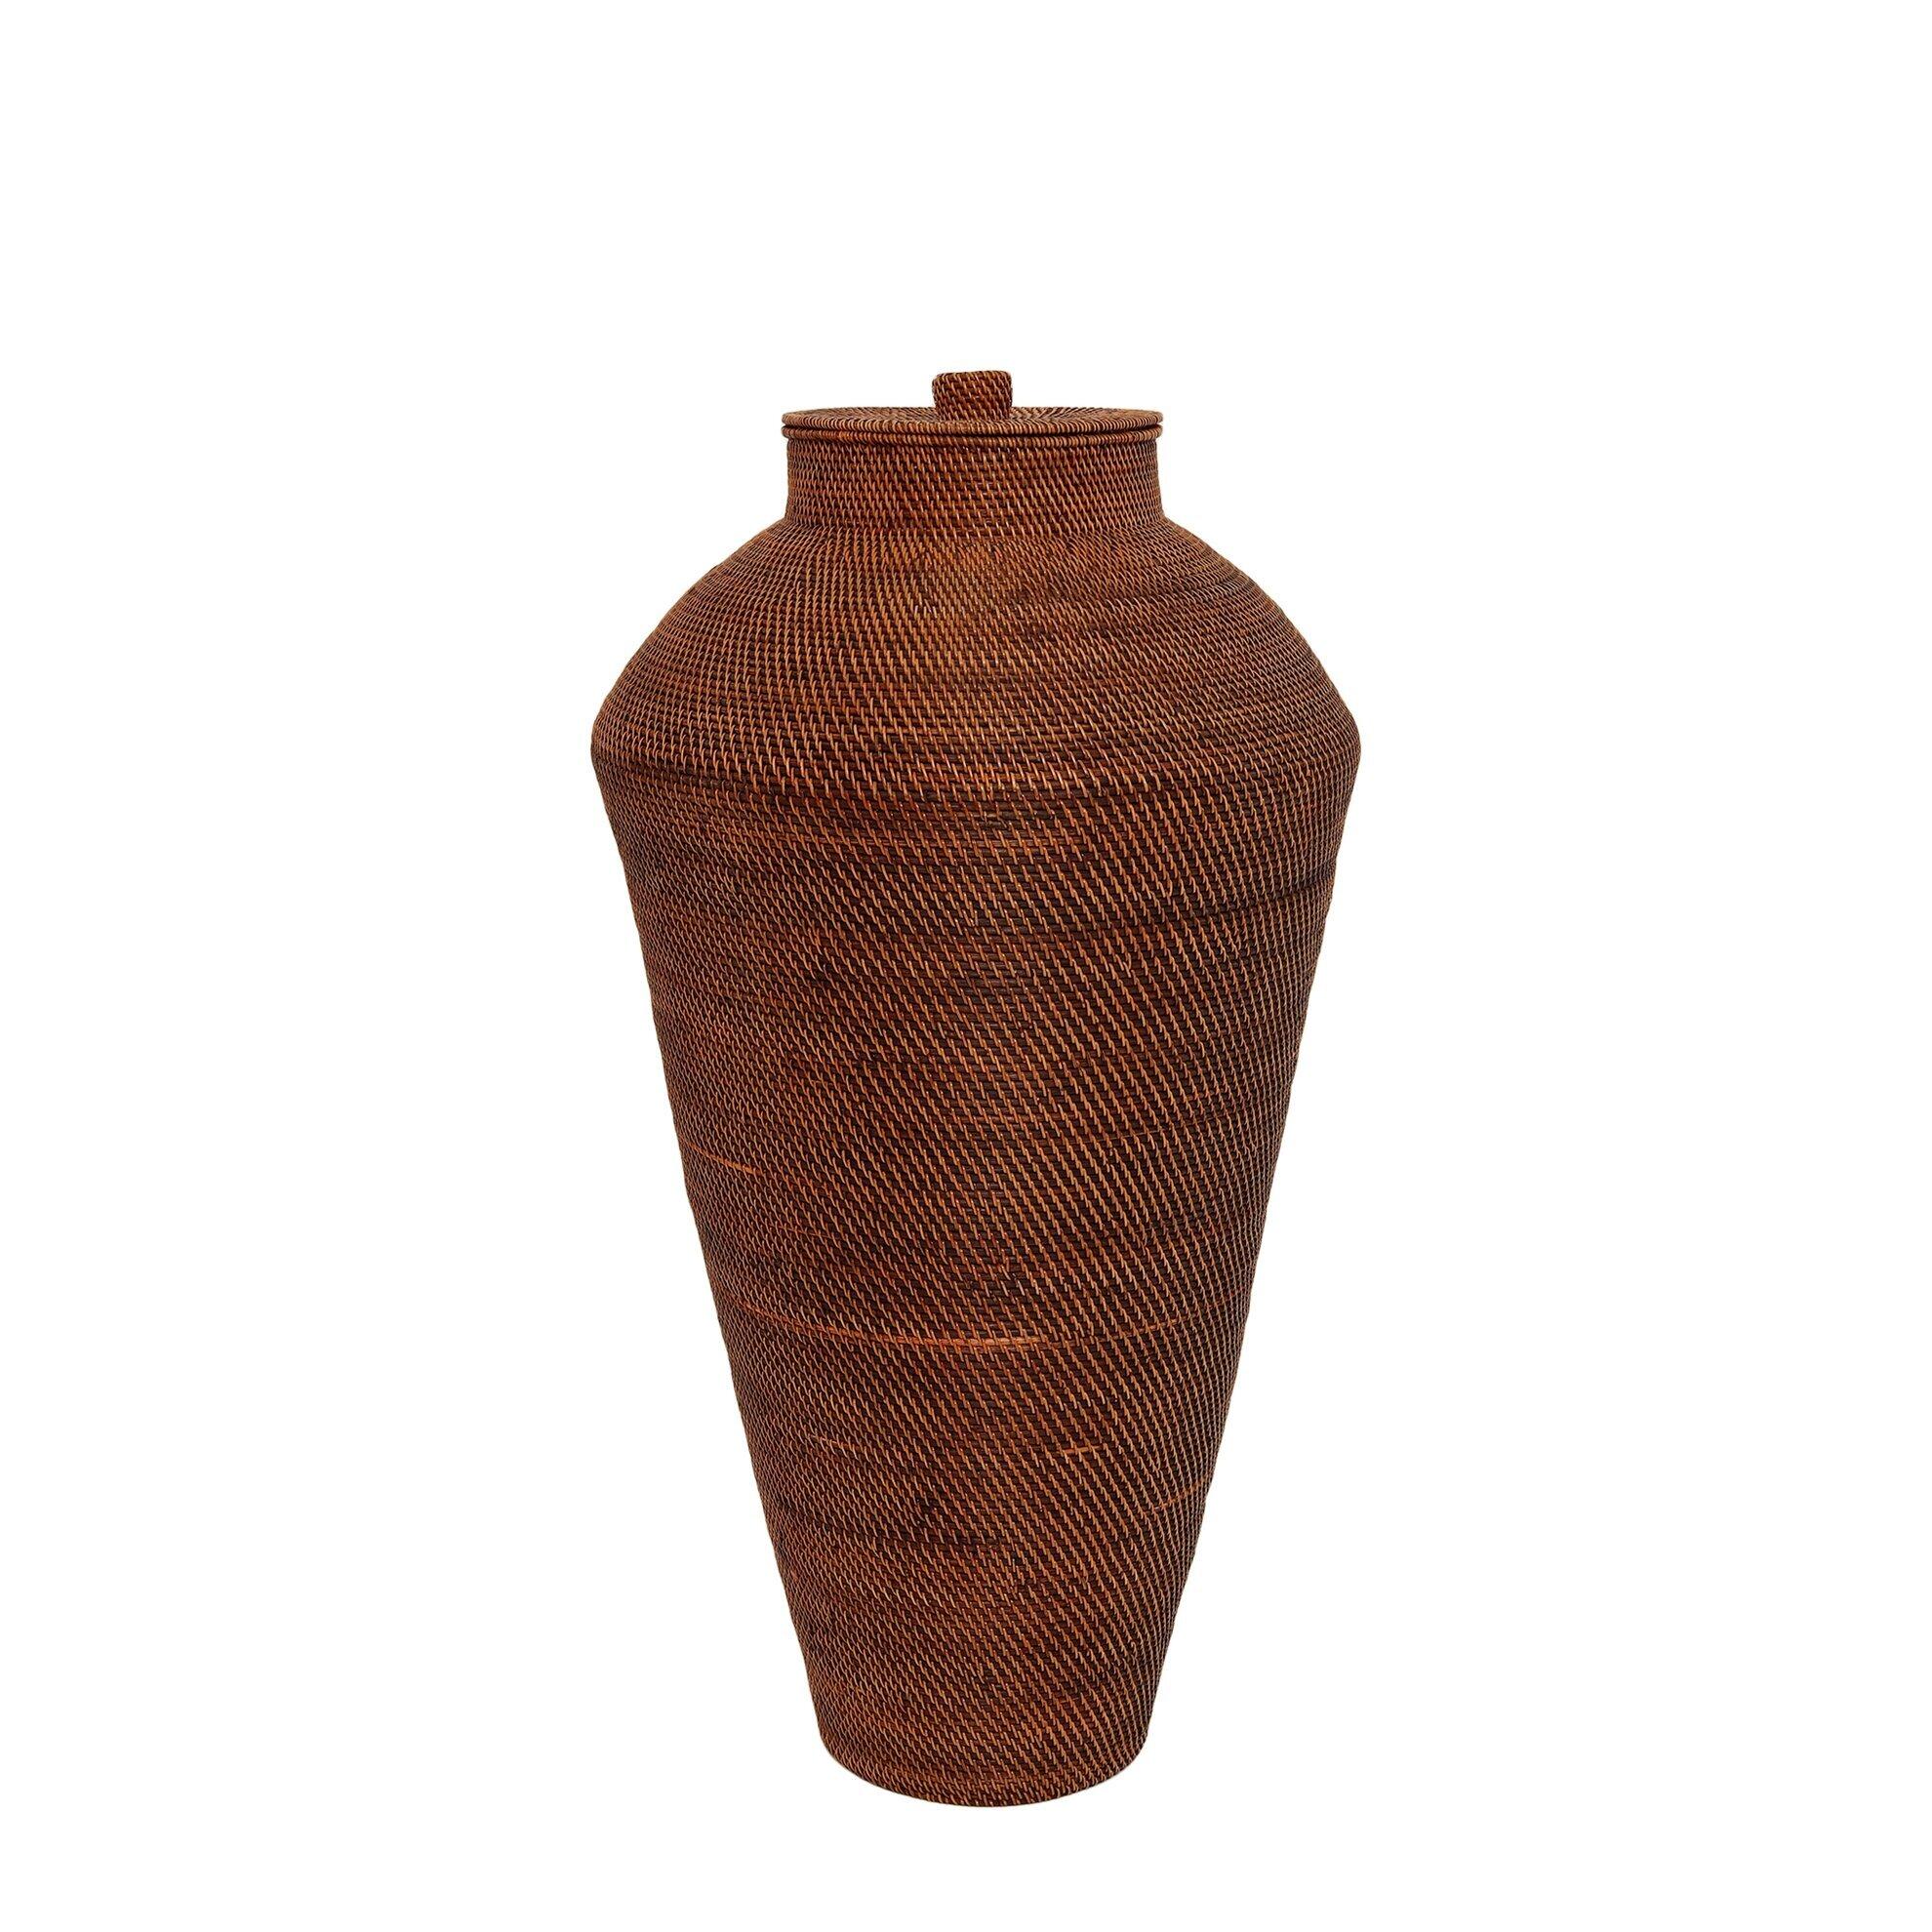 Küp (65x125cm)